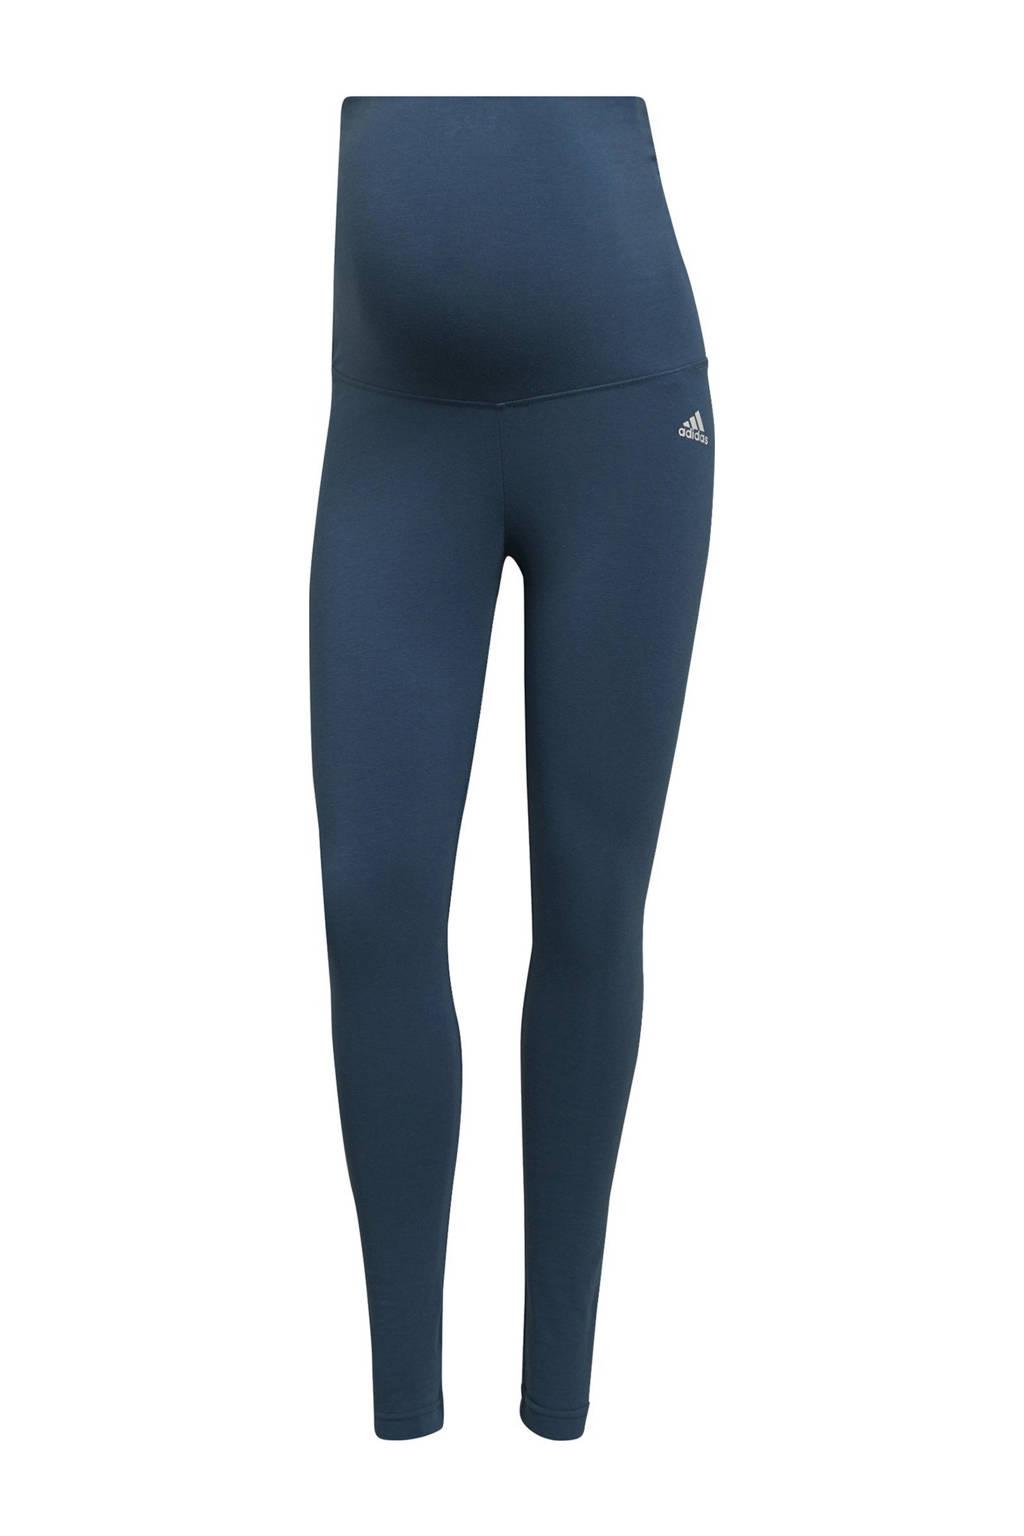 adidas Performance zwangerschaps sportlegging lichtblauw/wit, Lichtblauw/wit